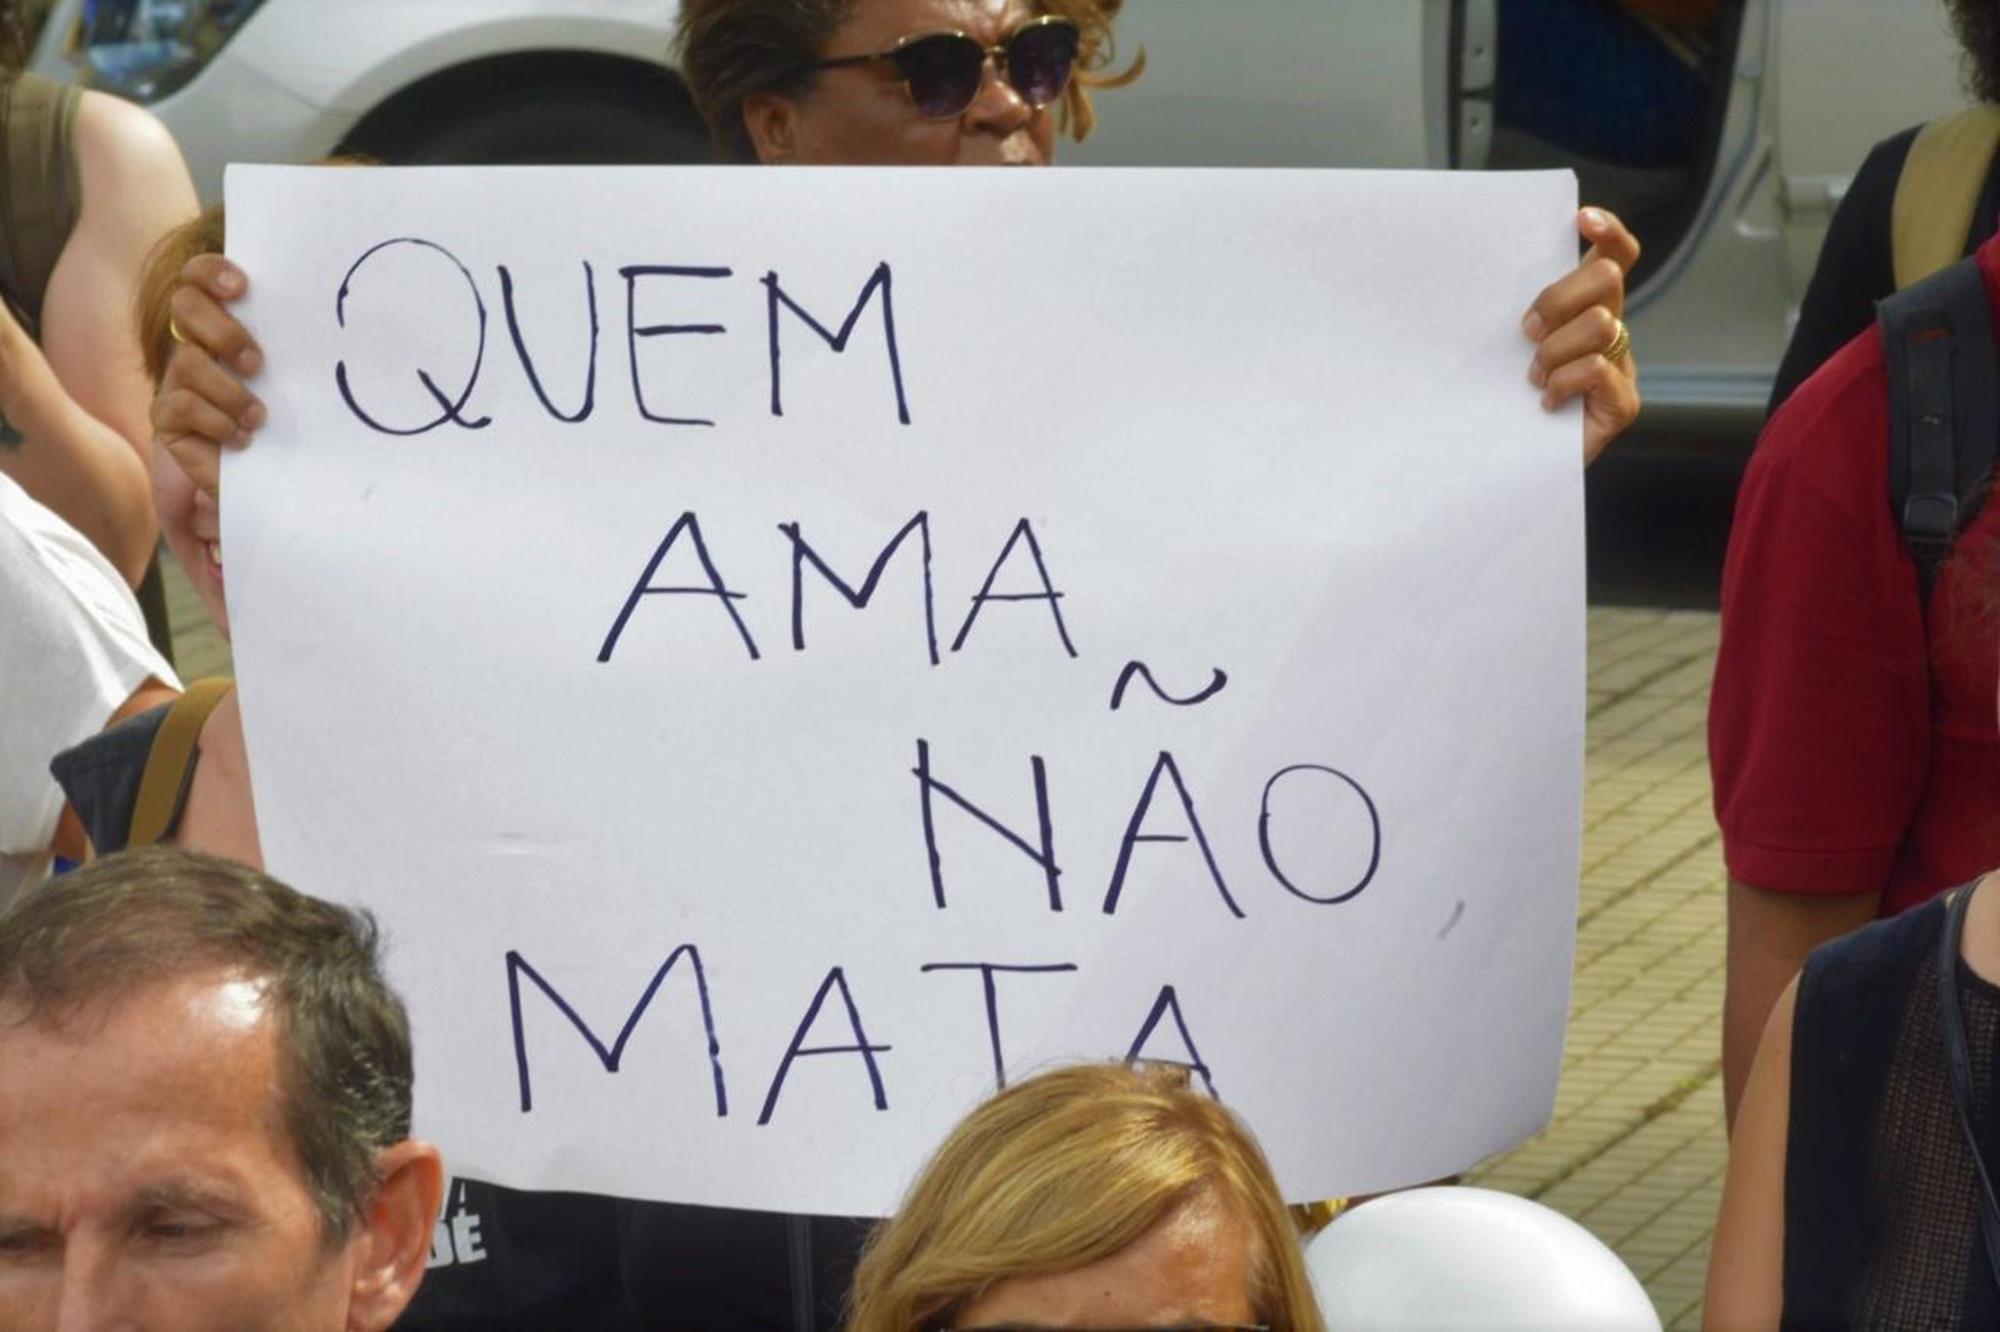 ##bitch, carolzinha, 2021, imprensa, Foguinho/Imprensa SMetal